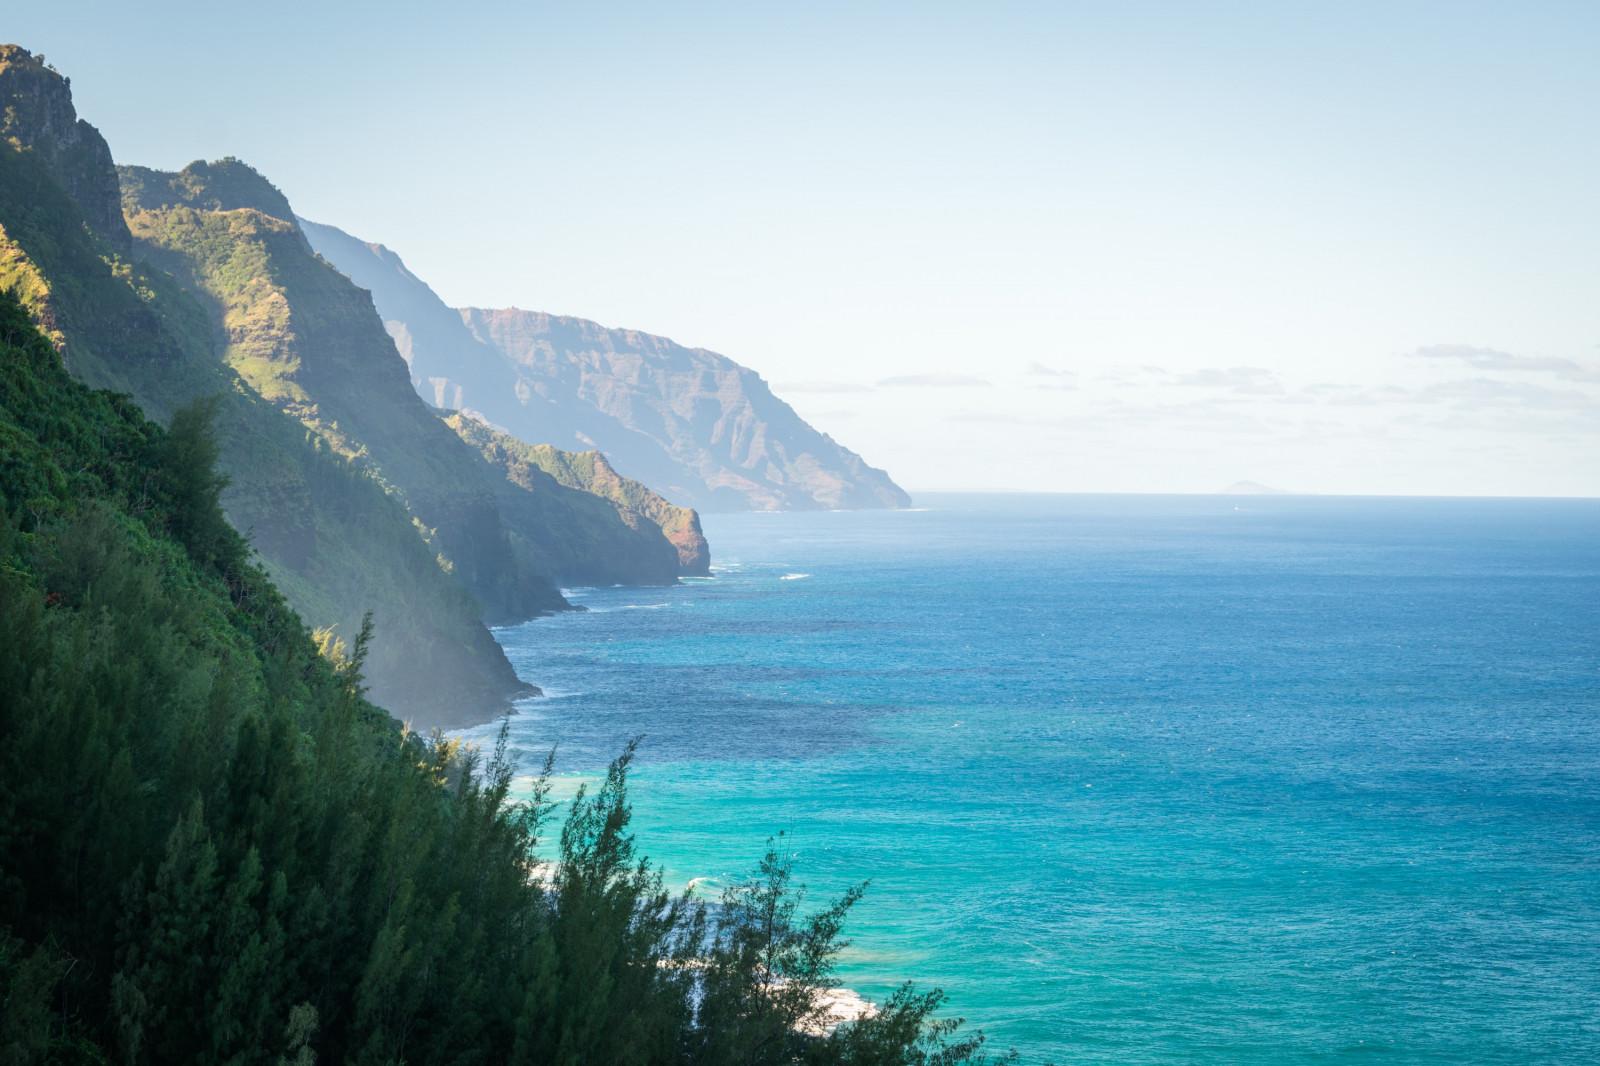 Сделать открытку, картинки с горами и морем